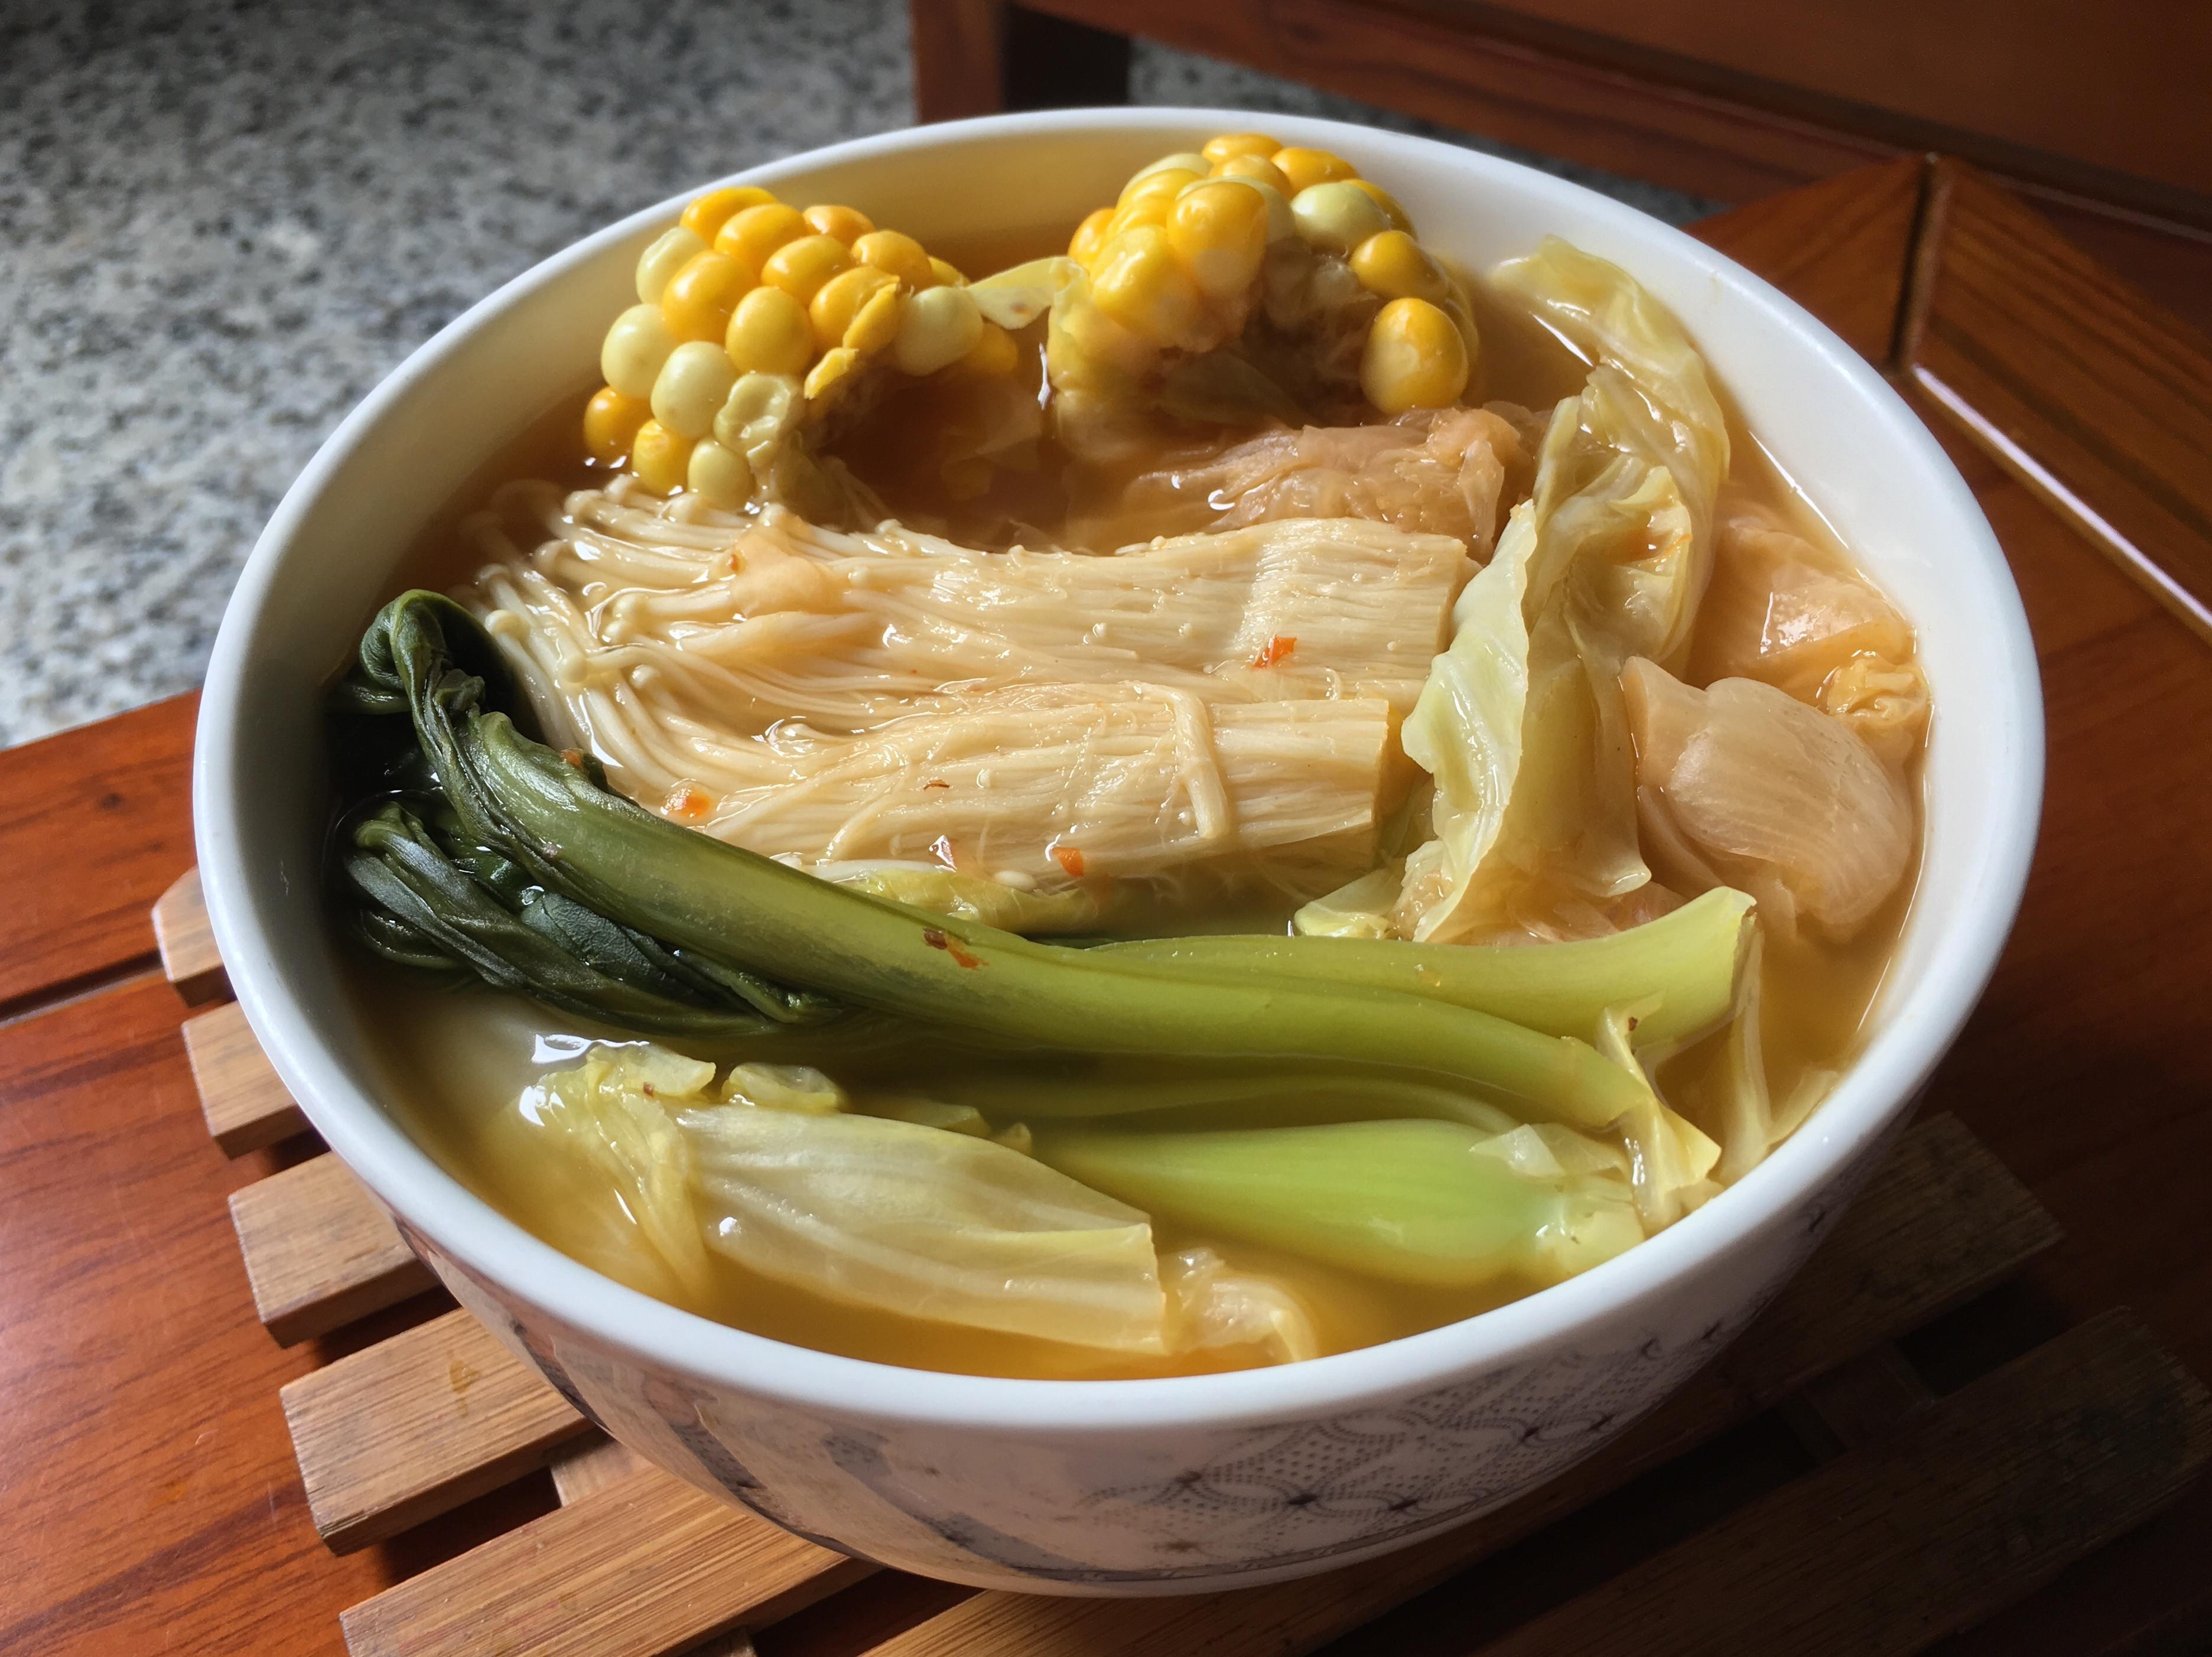 [剩食利用]泡菜蔬菜湯